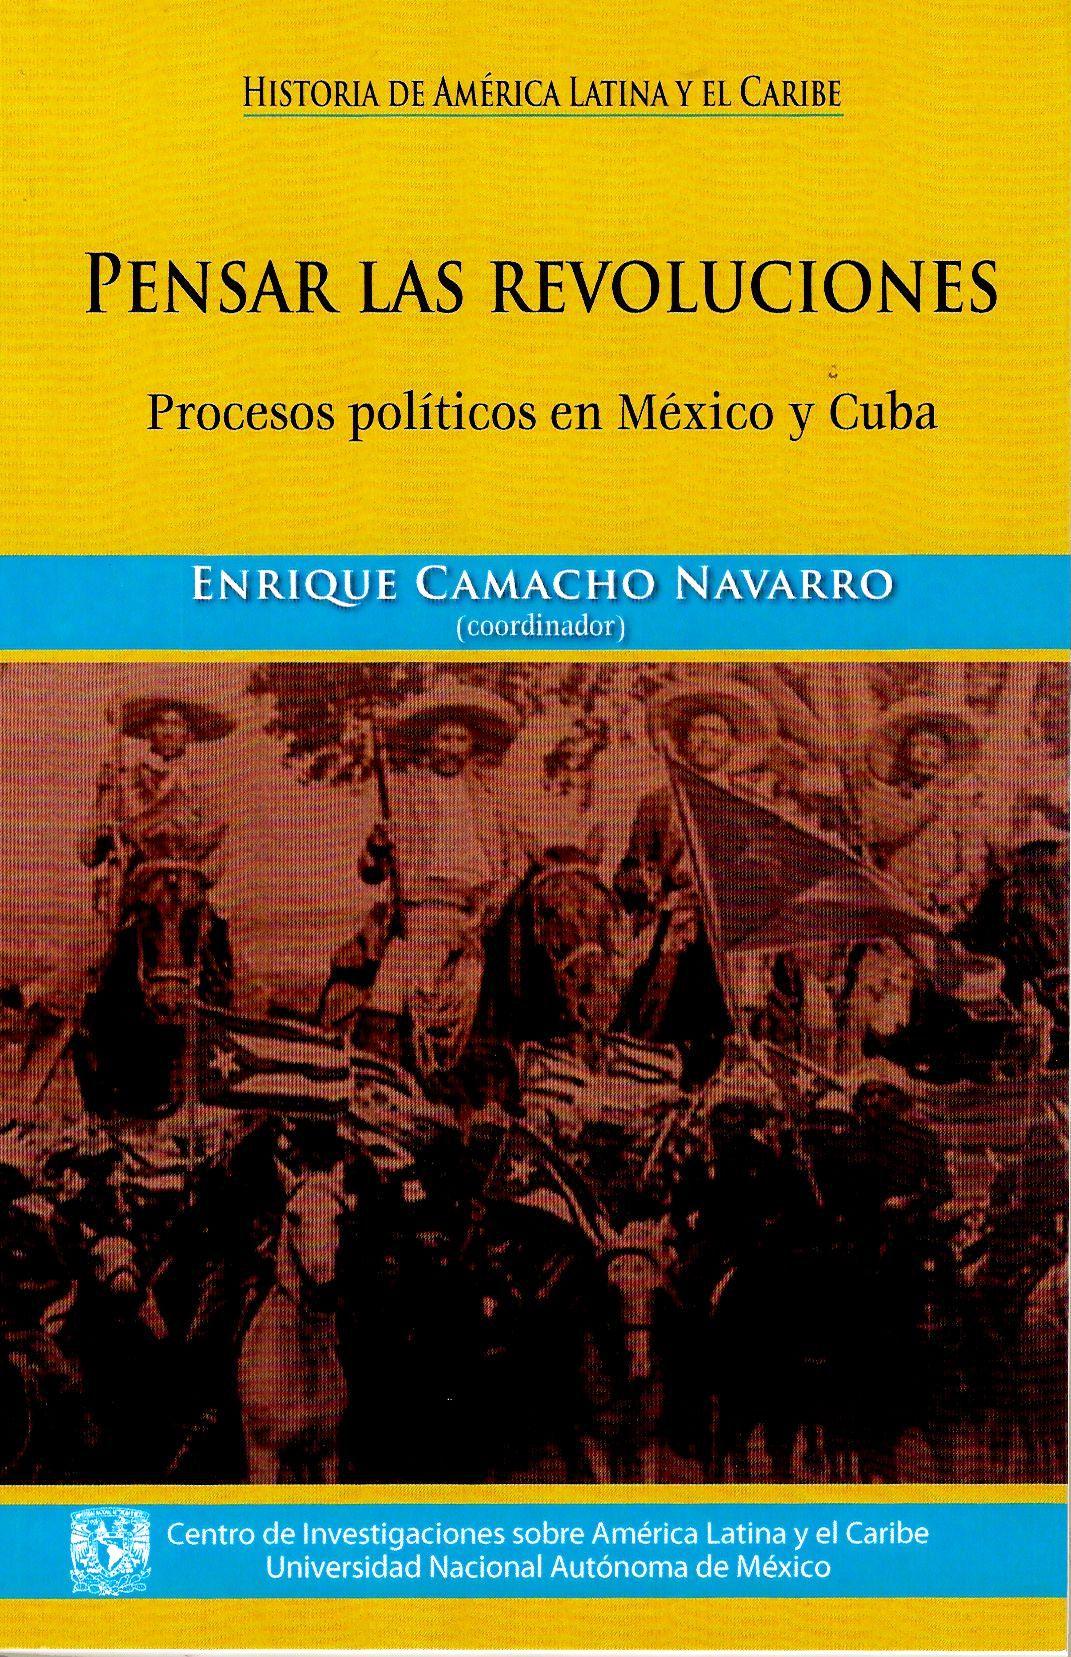 Pensar las revoluciones. Procesos polítuicos en México y Cuba